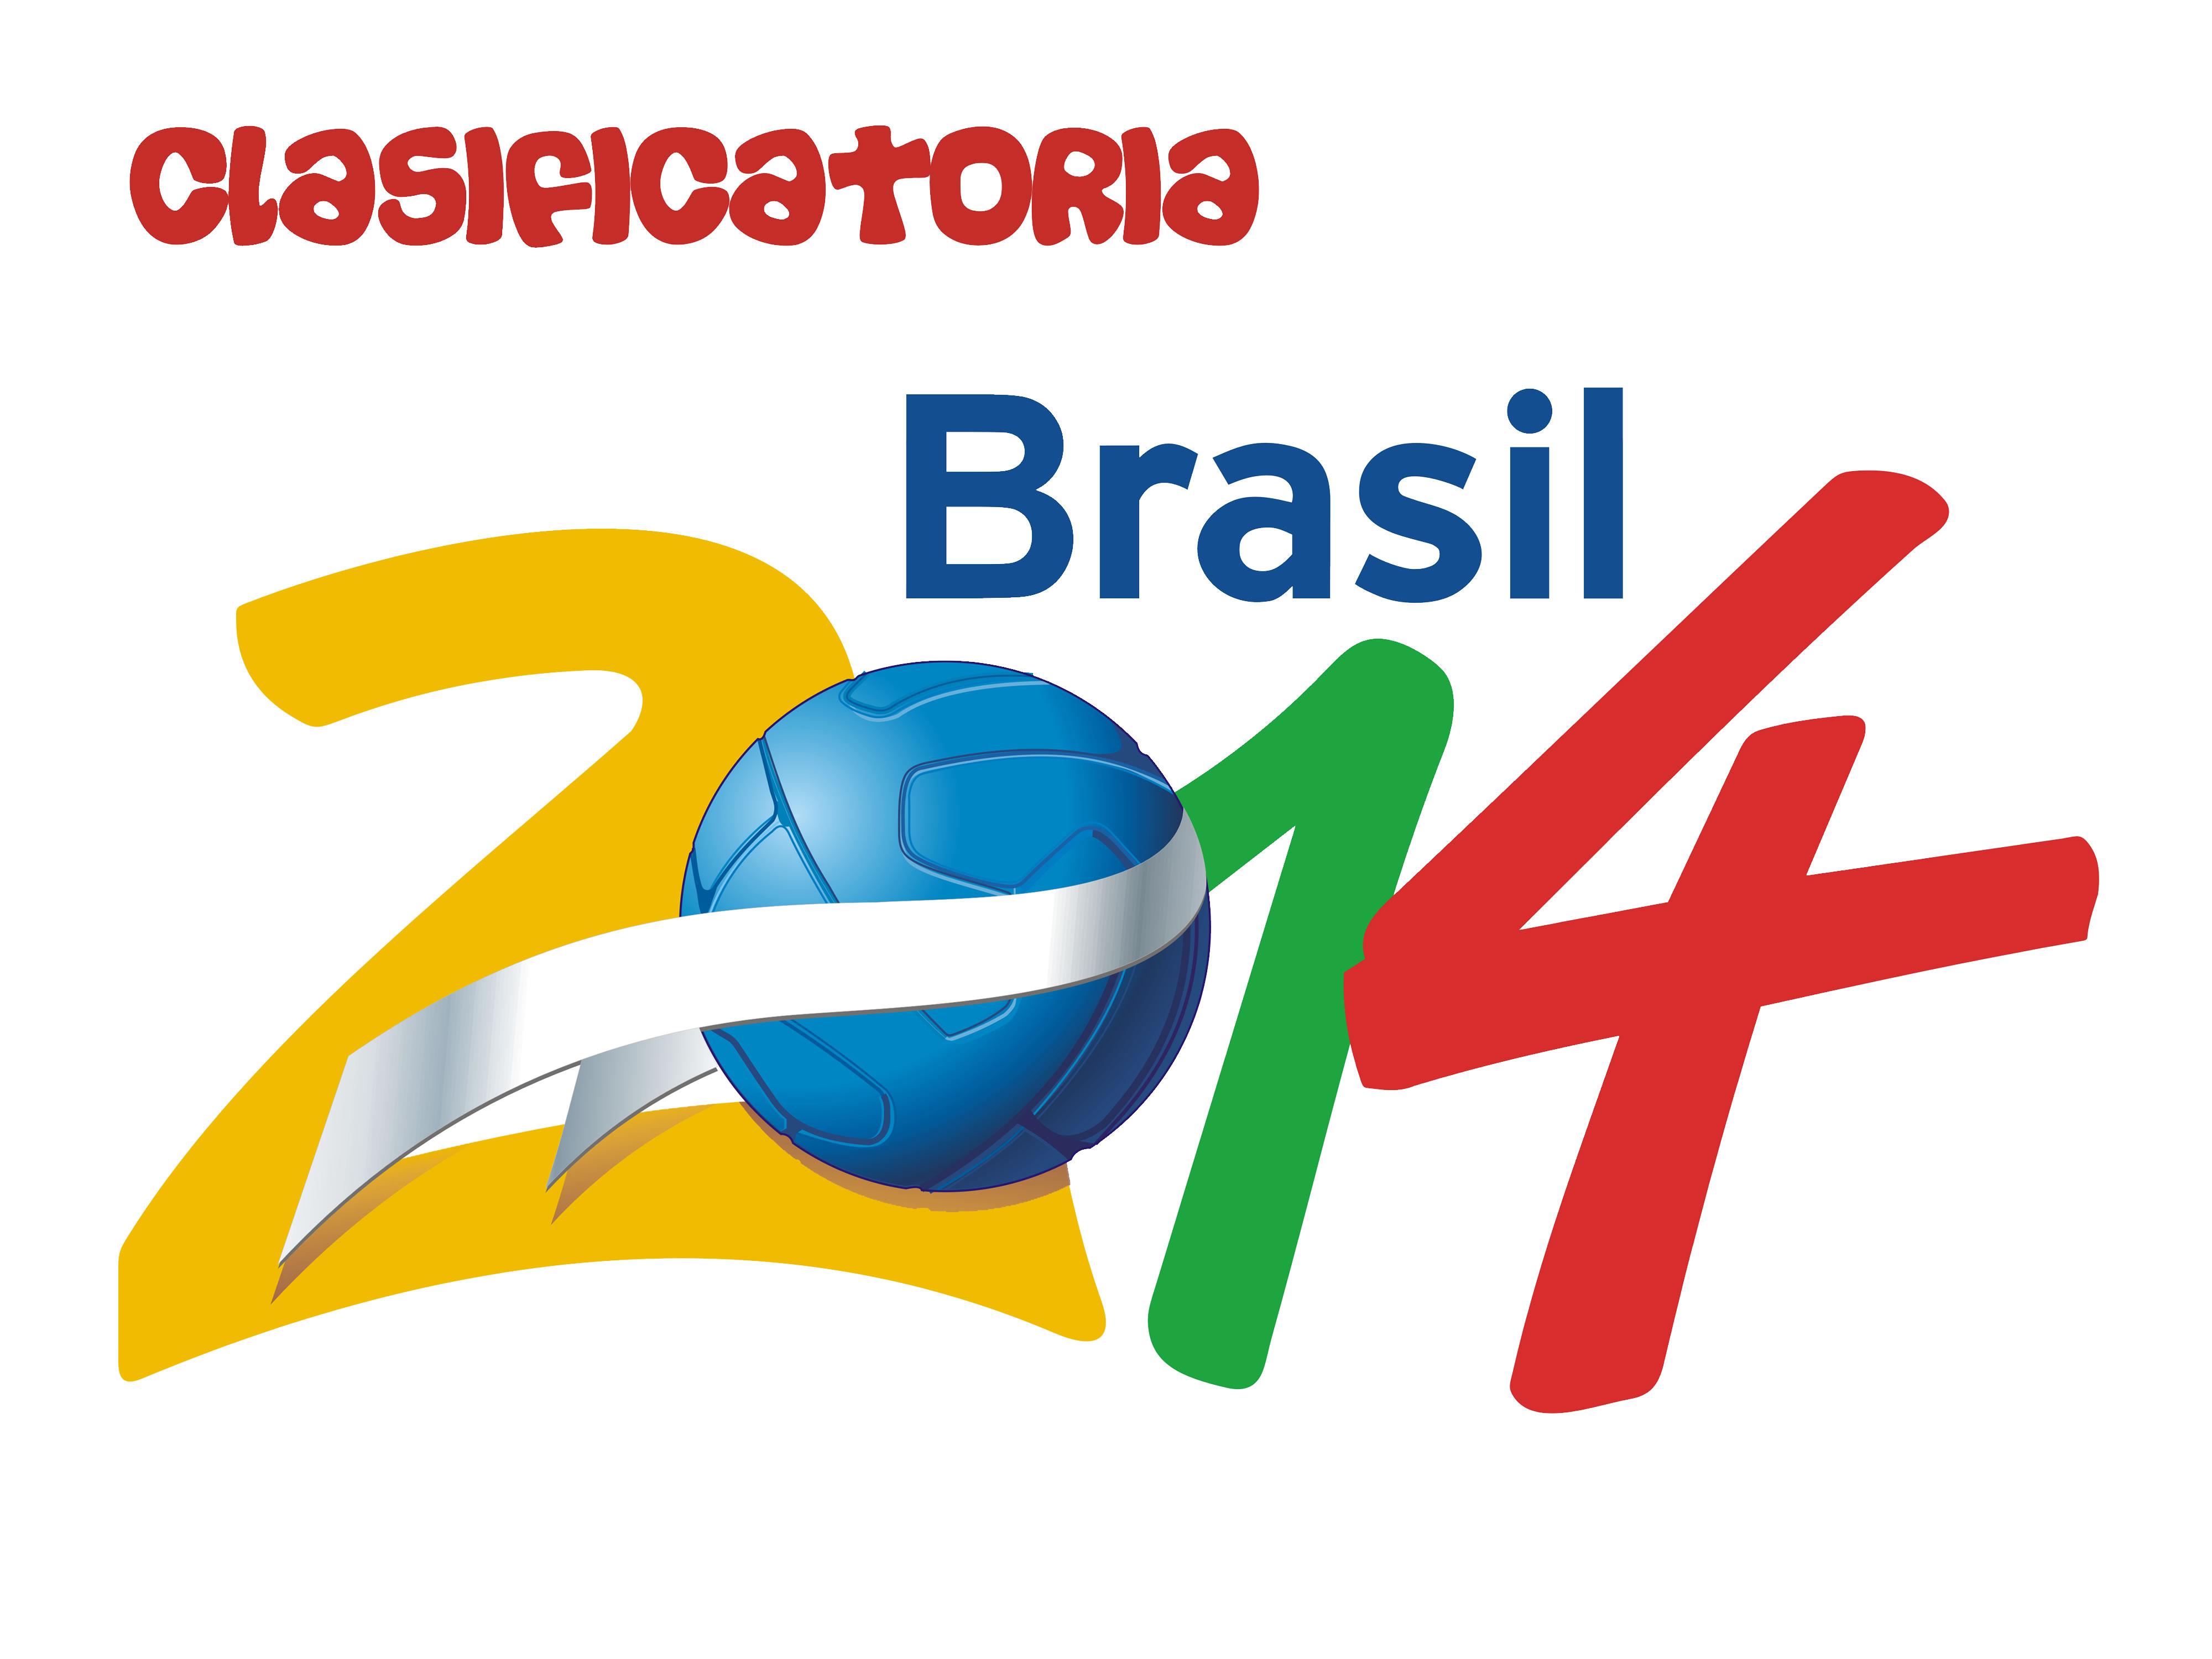 Clasificatoria Brasil 2014 - 4000x3000